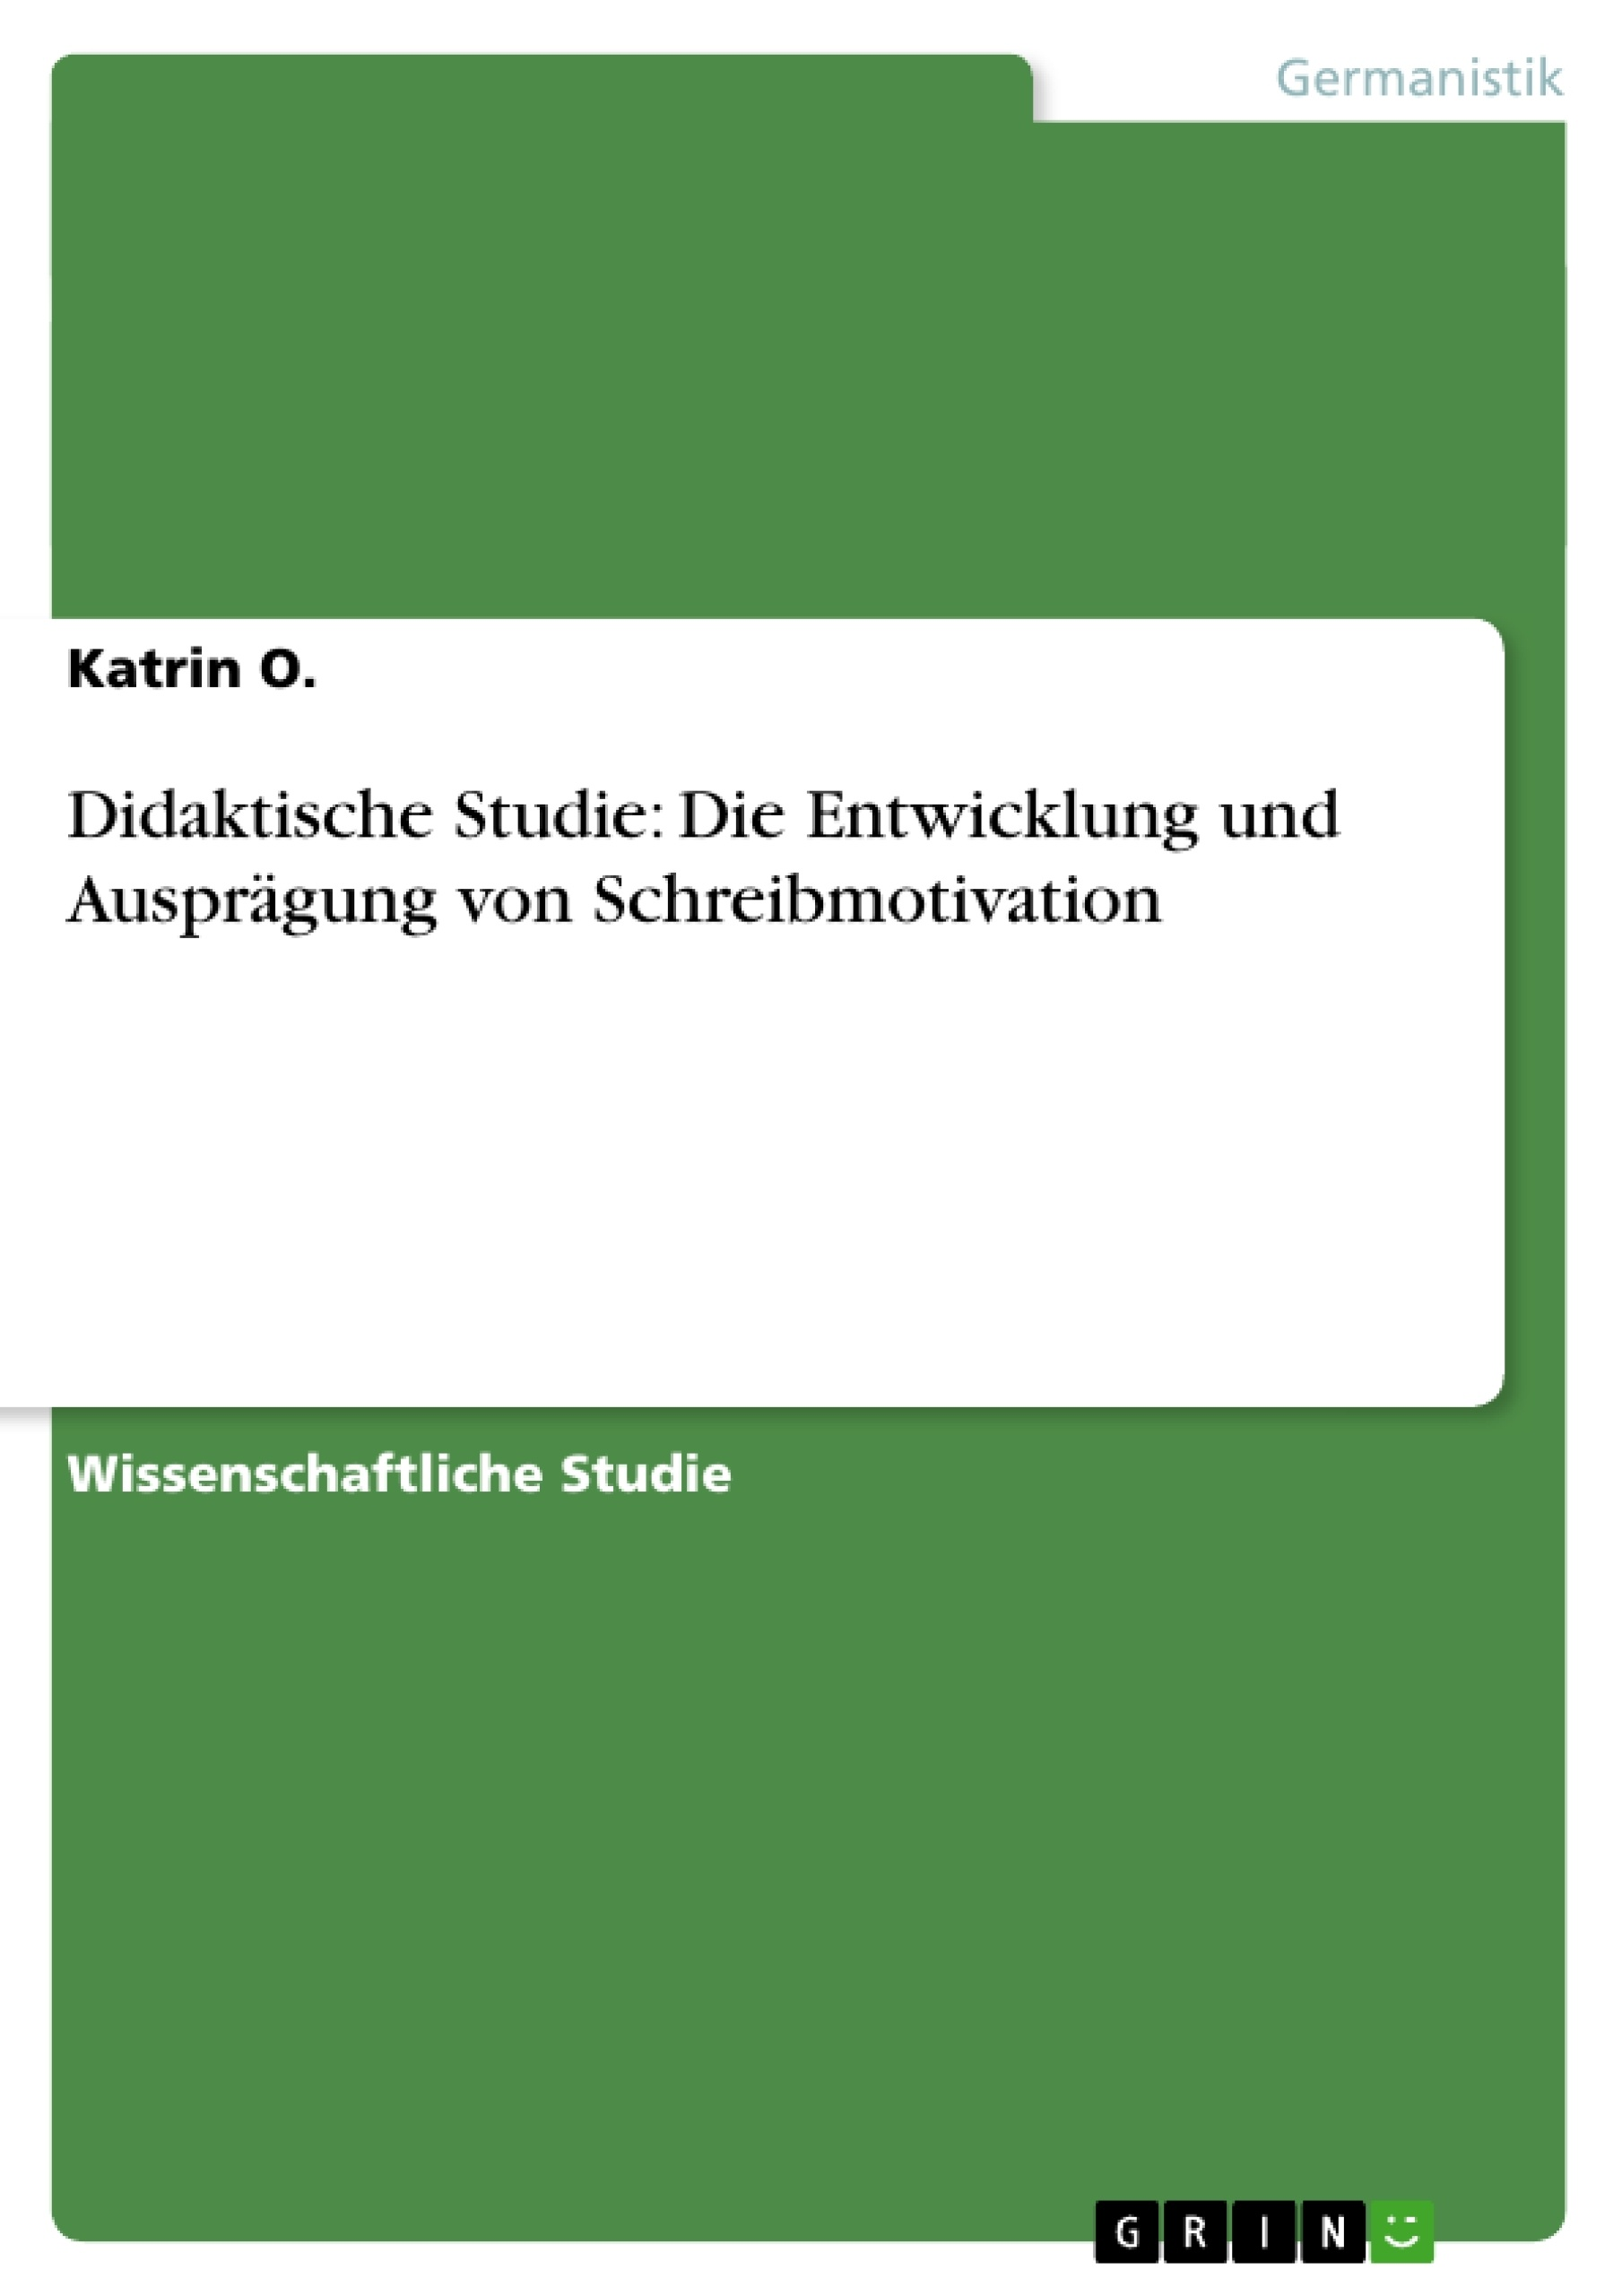 Titel: Didaktische Studie: Die Entwicklung und Ausprägung von Schreibmotivation